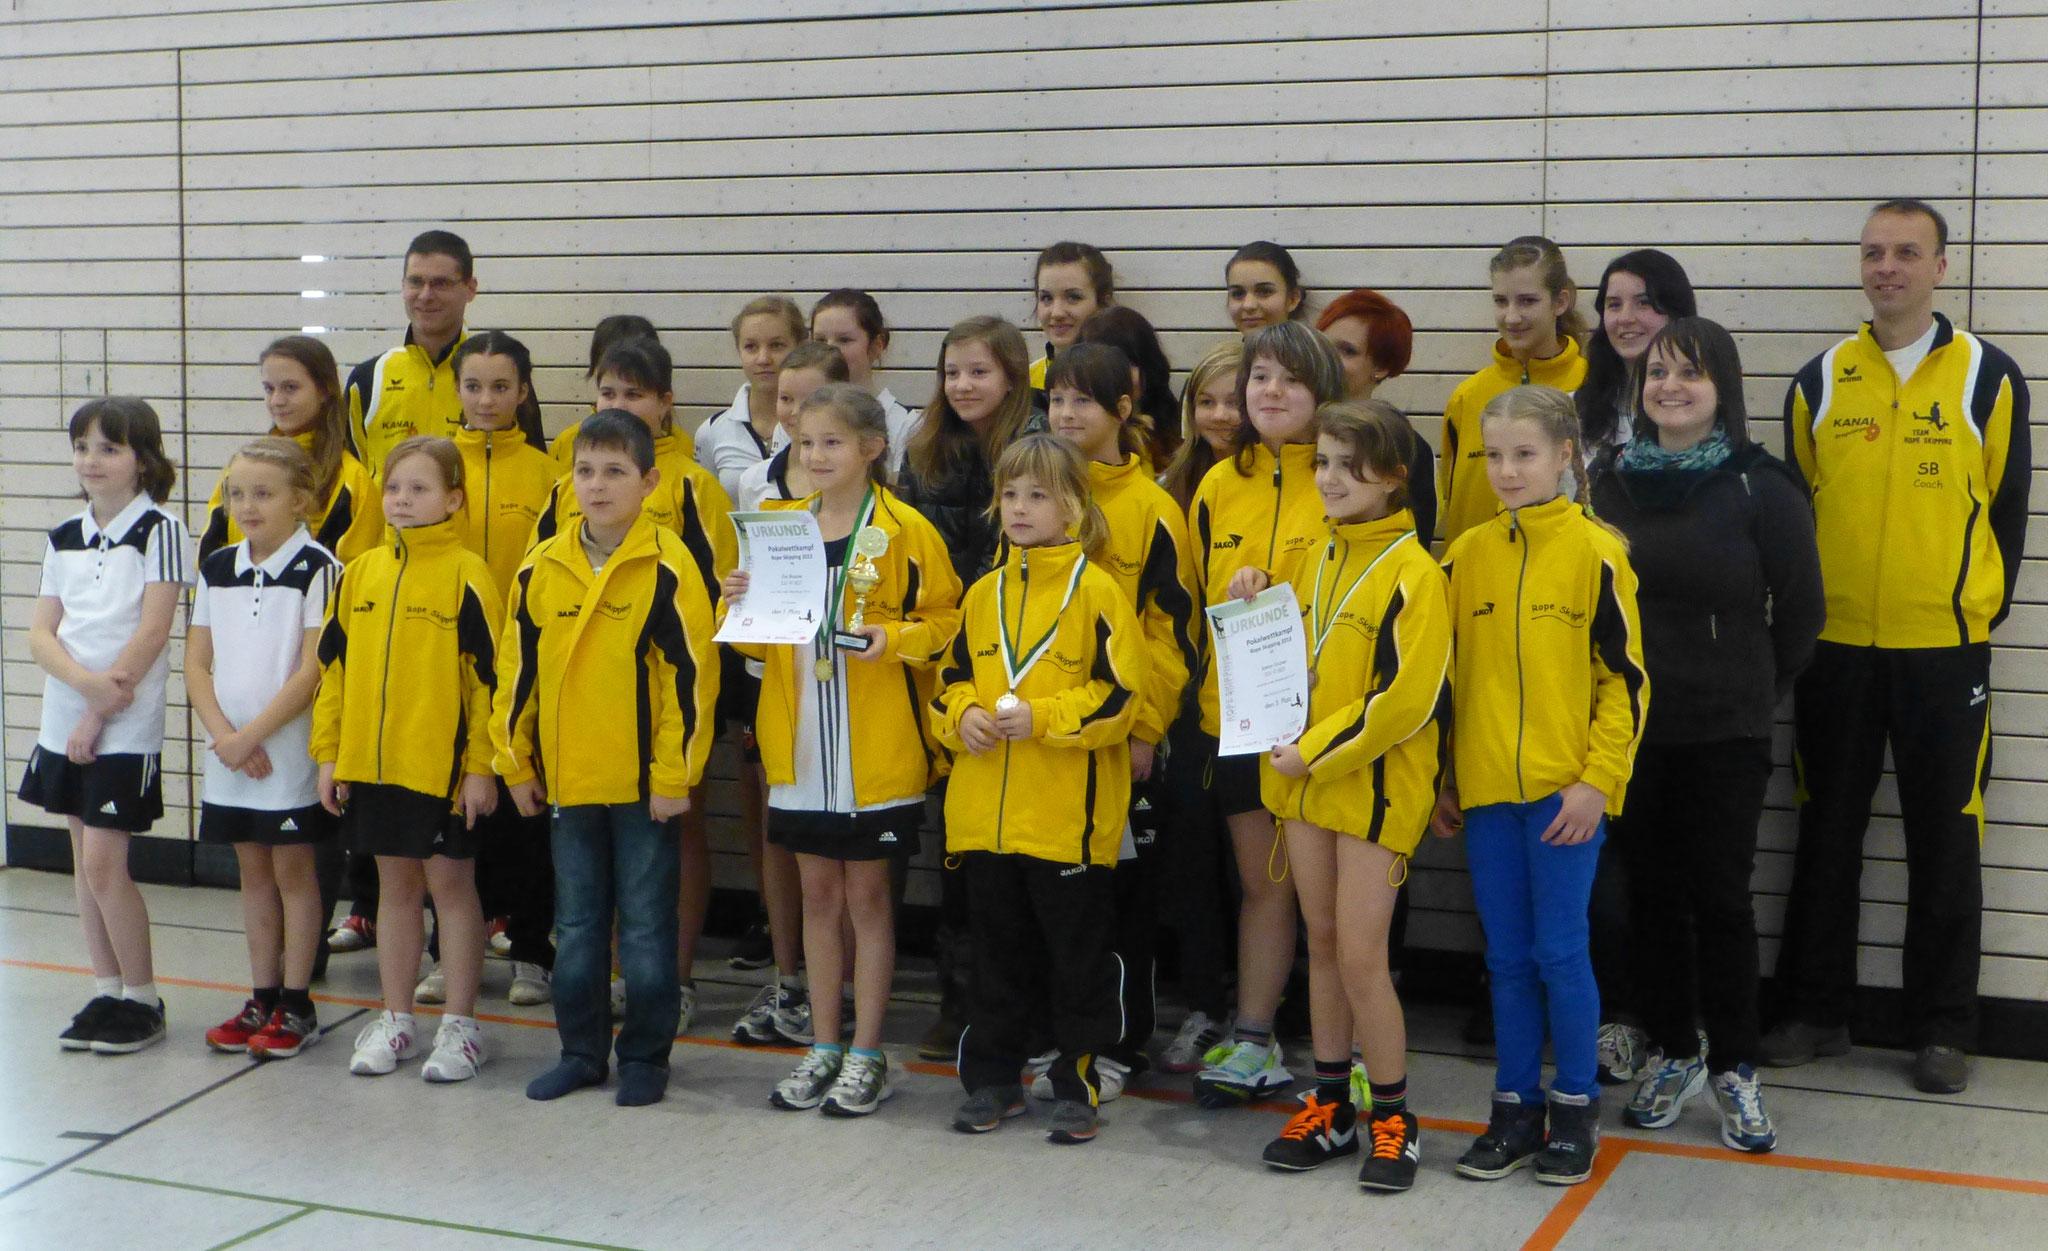 2013 - Sachsenmeisterschaft